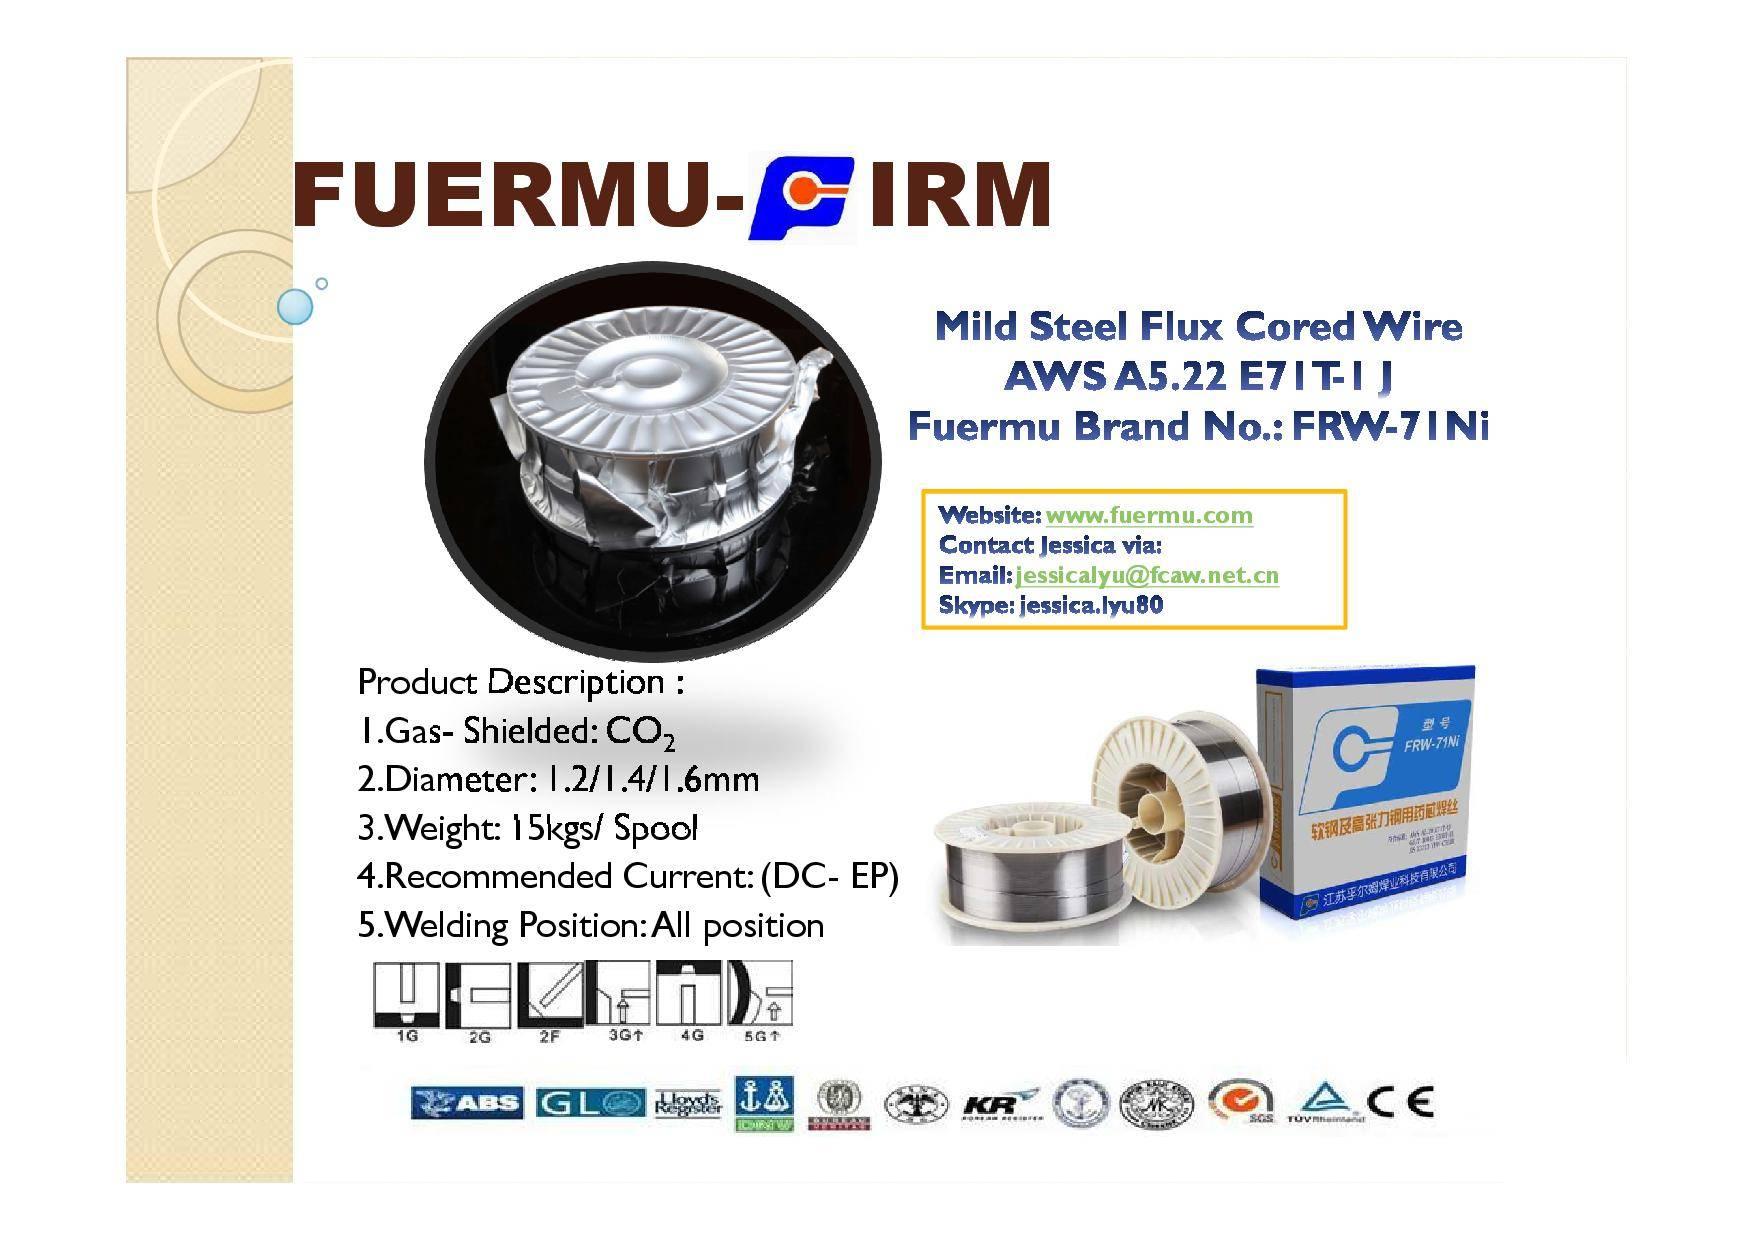 E71T-1J Flux Cored Welding Wire, Fuermu Brand: FRW-71Ni